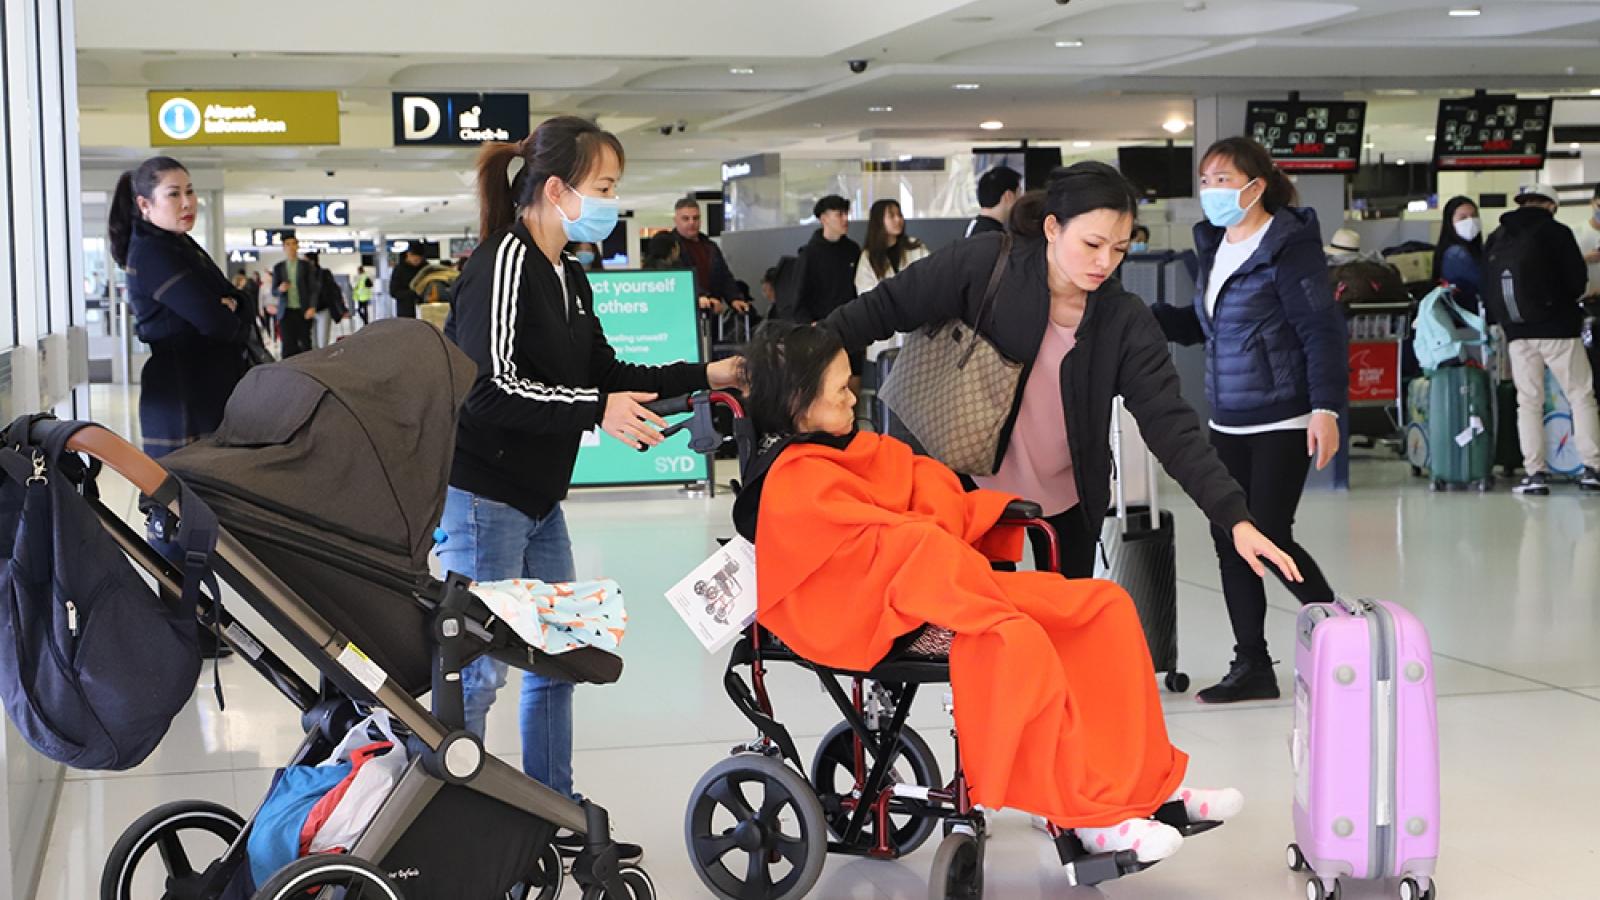 Thông báo về chuyến bay thứ 3 đưa người Việt từ Australia về nước